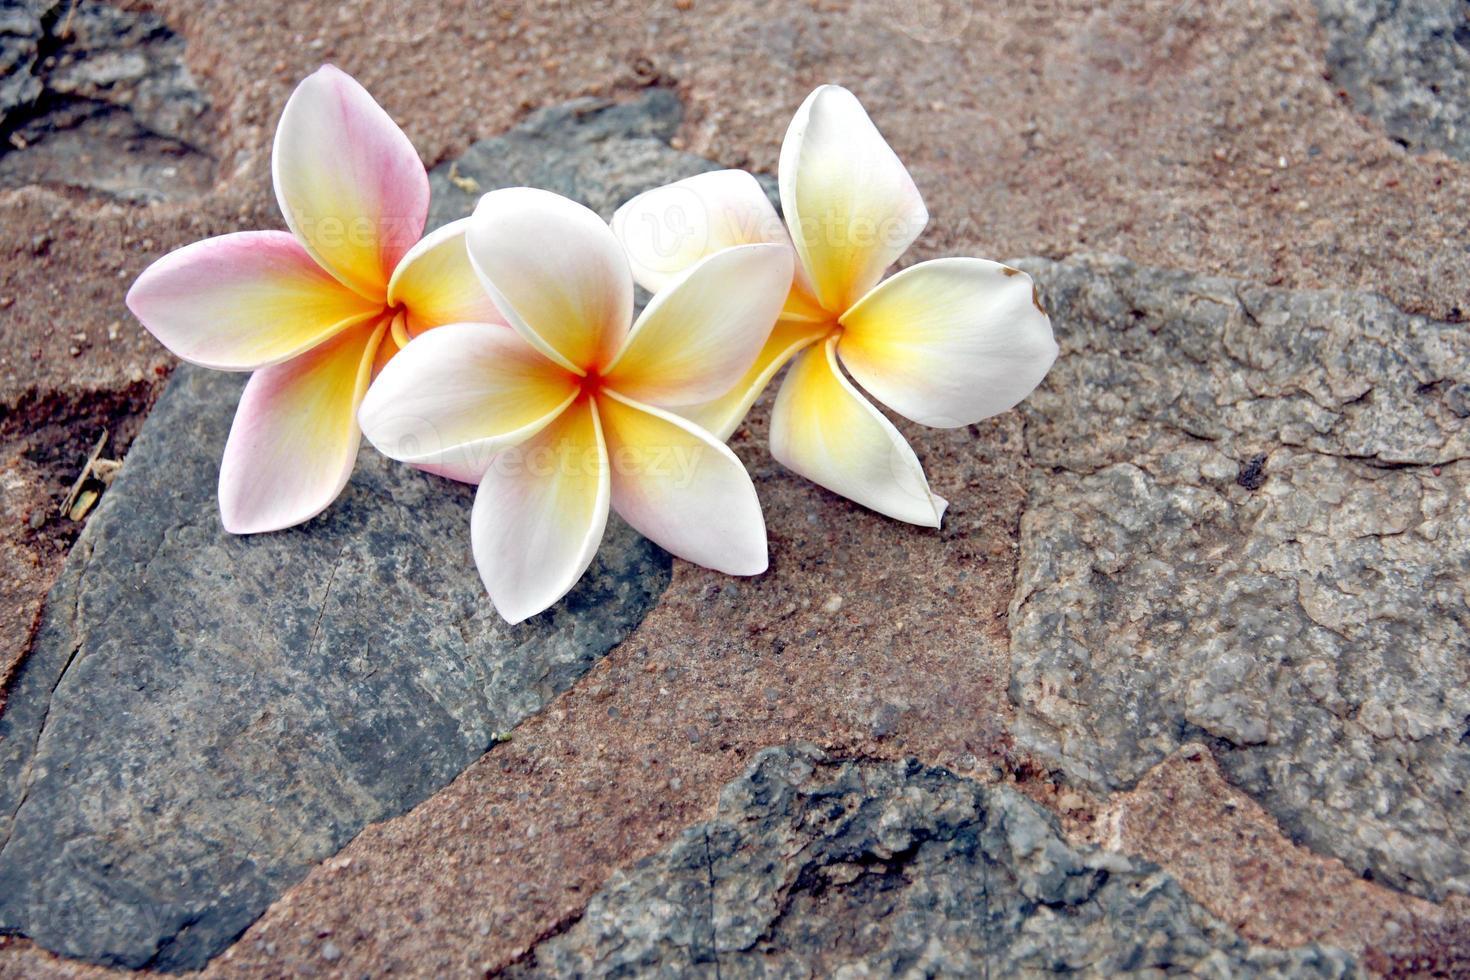 flores de frangipani são branco amarelado em fundo de pedra. foto